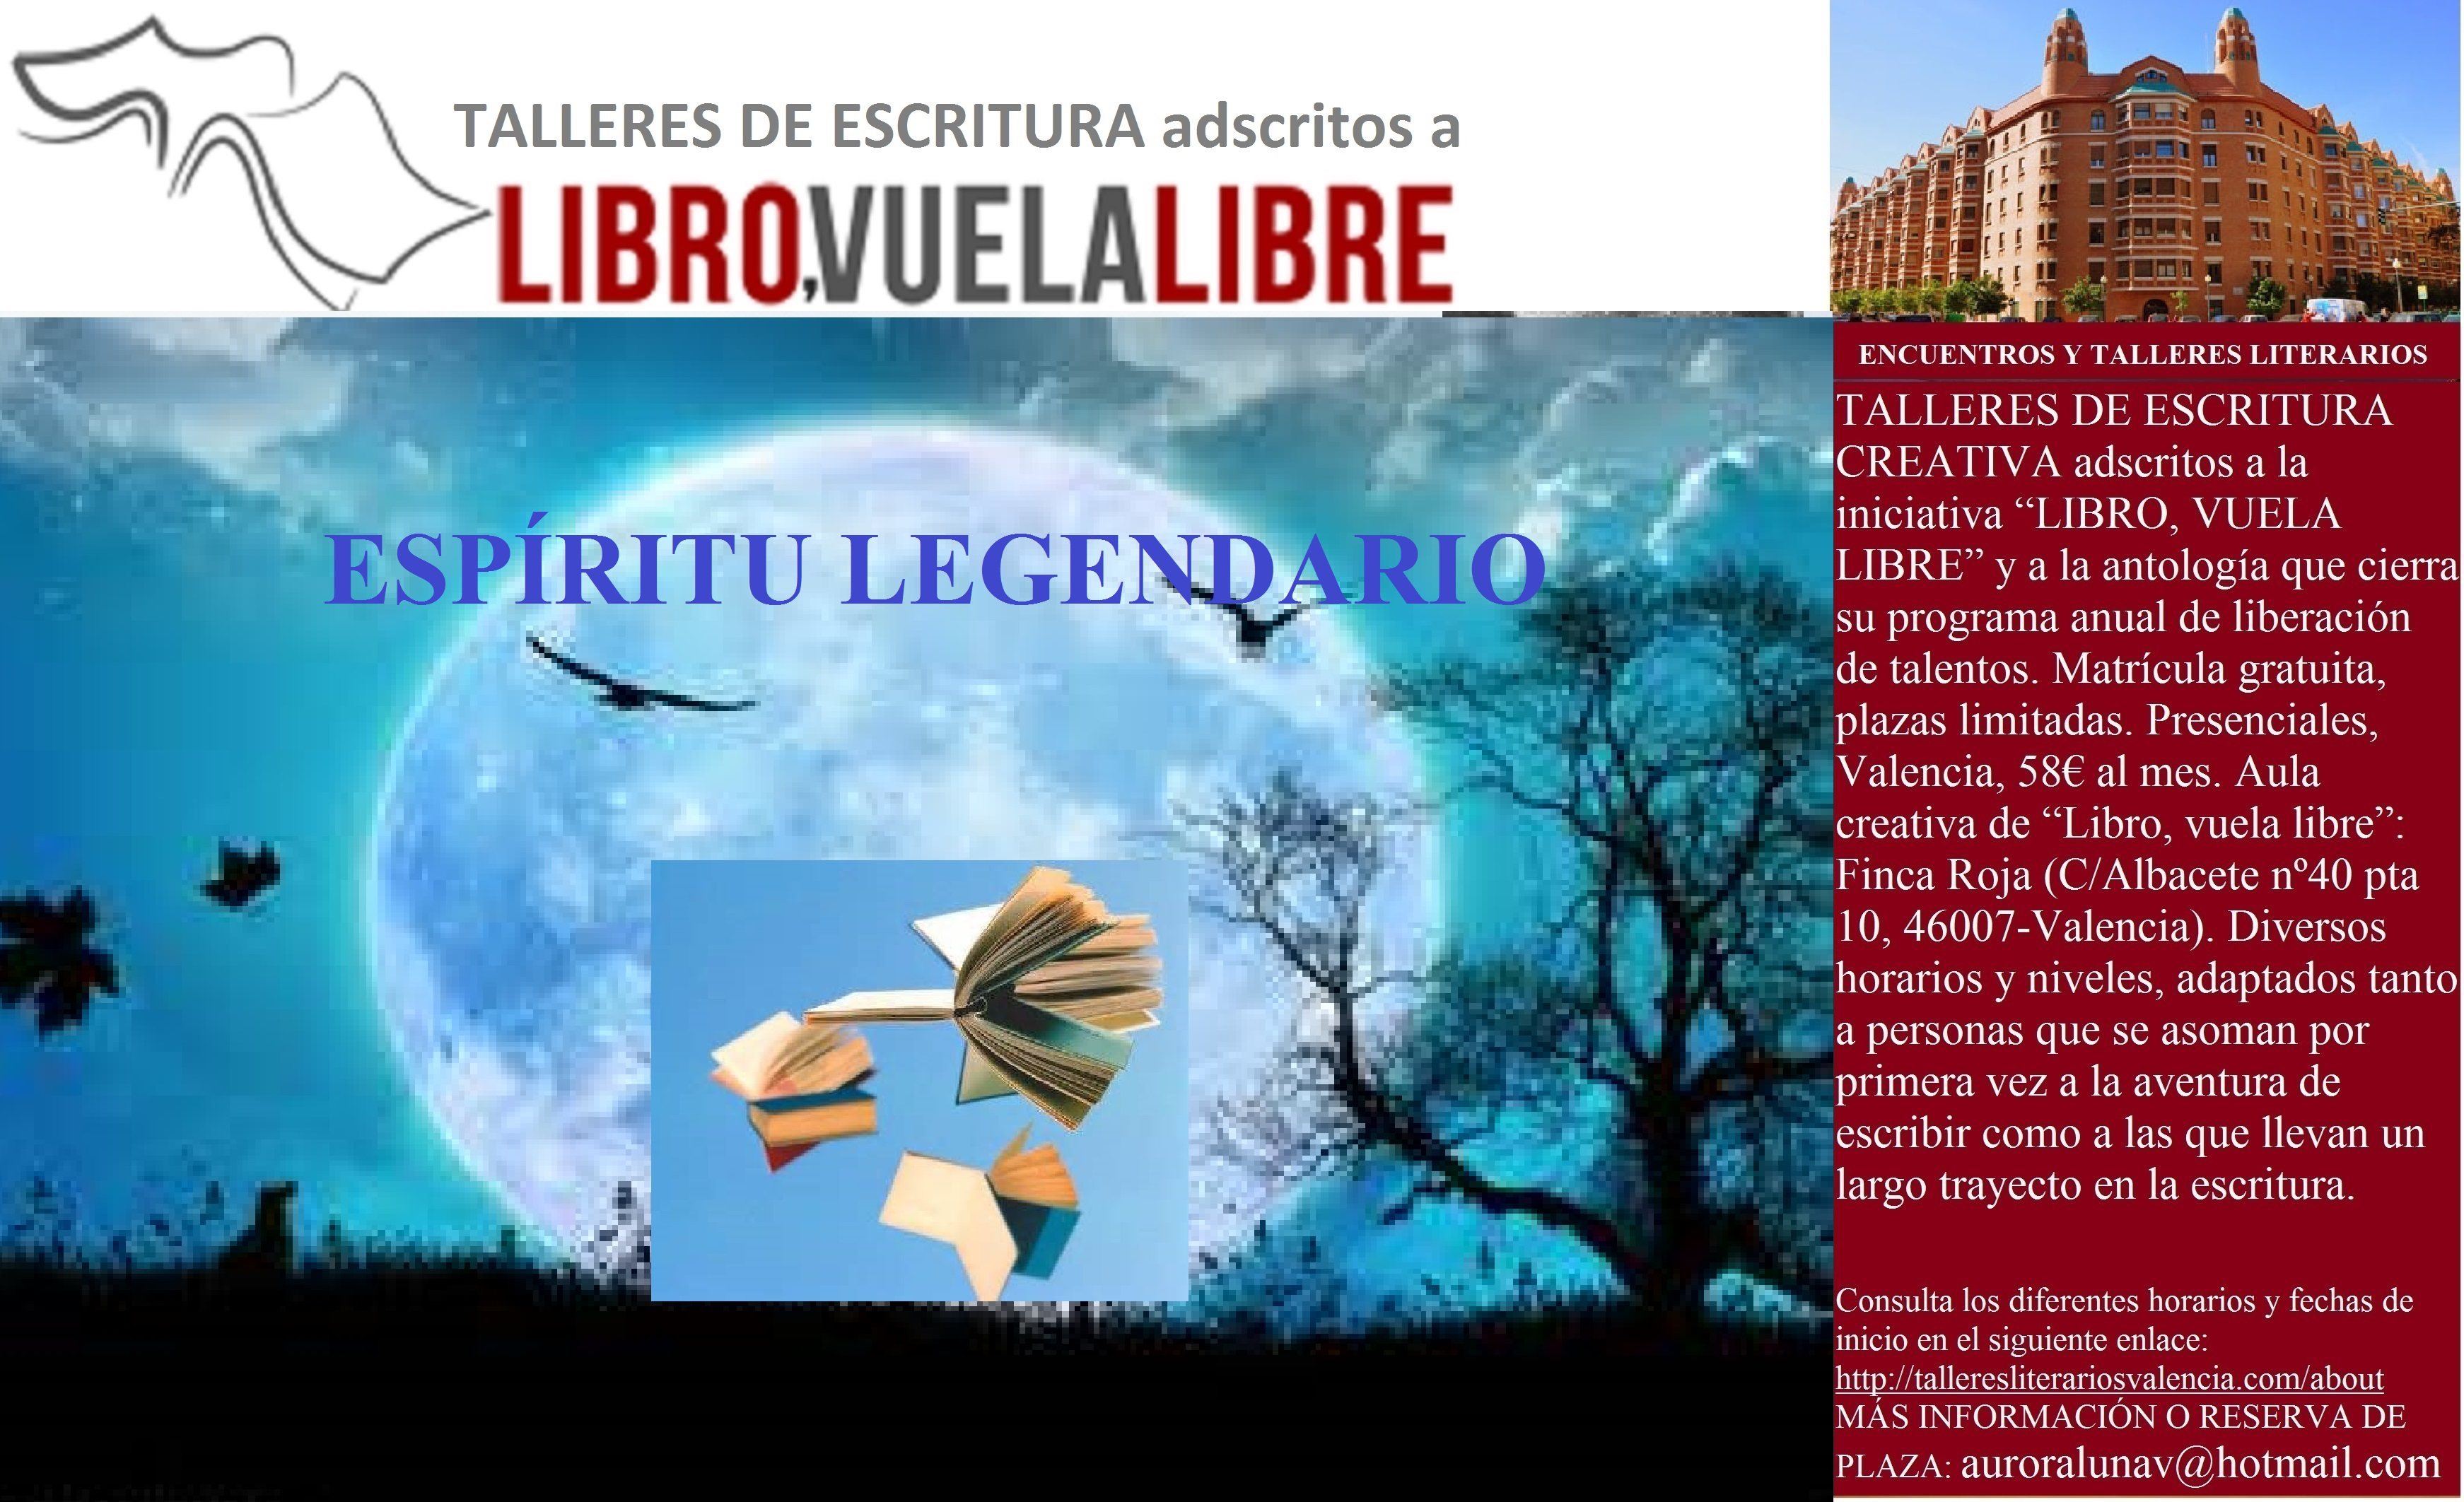 ESPÍRITU LEGENDARIO. Leyendas, taller de escritura en curso. Clave L-37 (I)